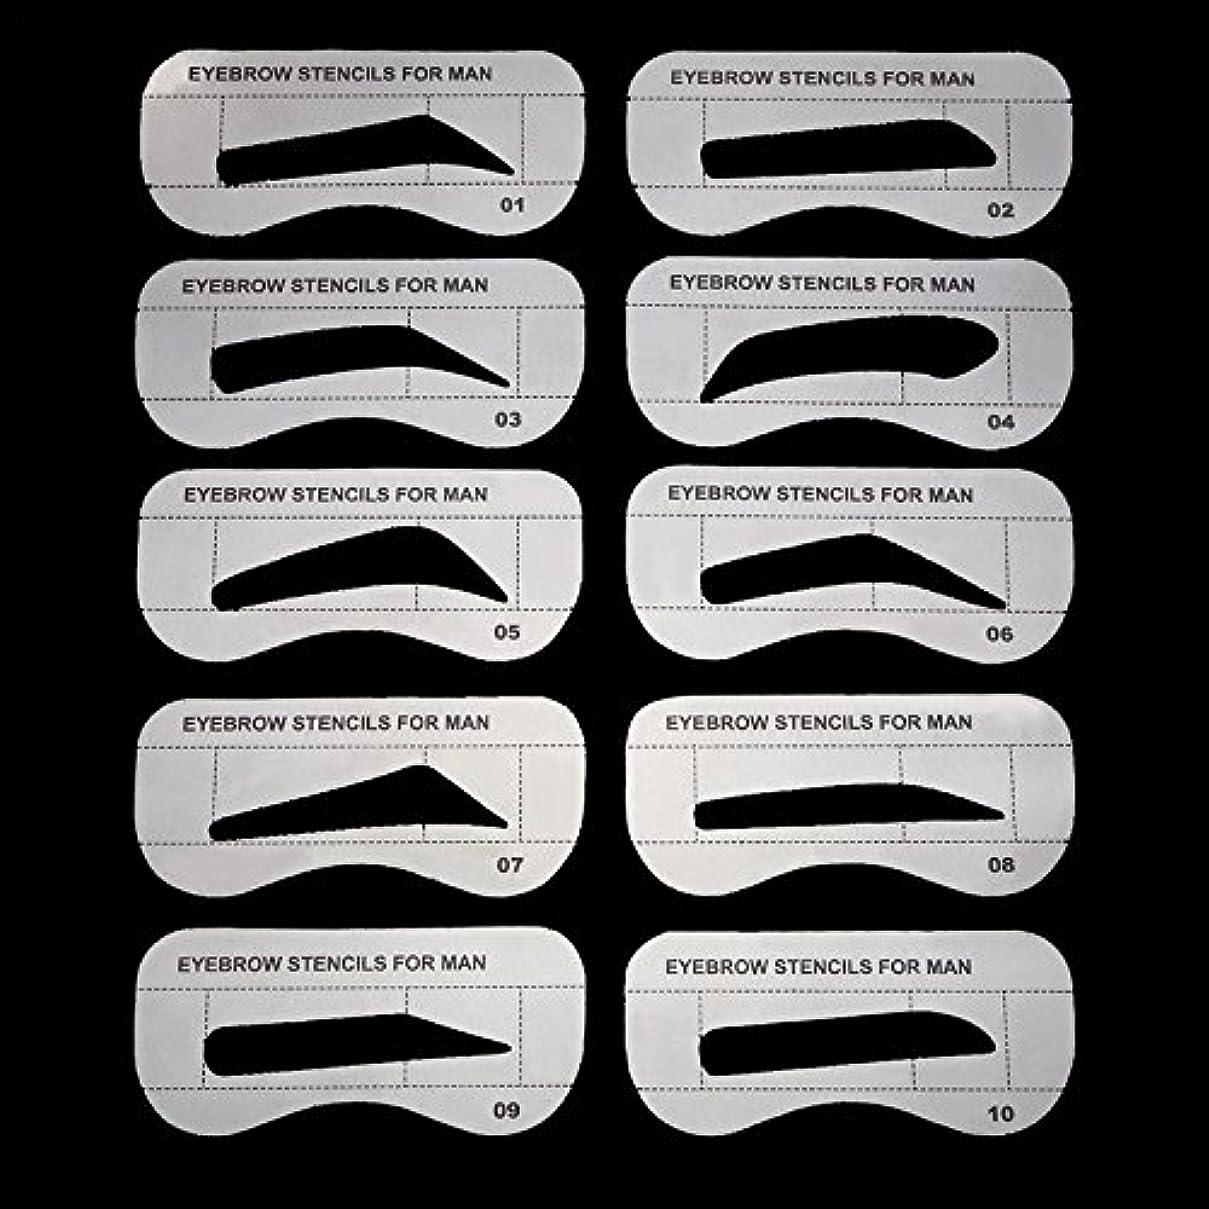 破壊スキップラボGUQQRZCT 10個の男性の眉毛のカードの描画ガイドカードの眉のテンプレートの目のメイクアップのシェイプのデザイン眉毛のステンシル